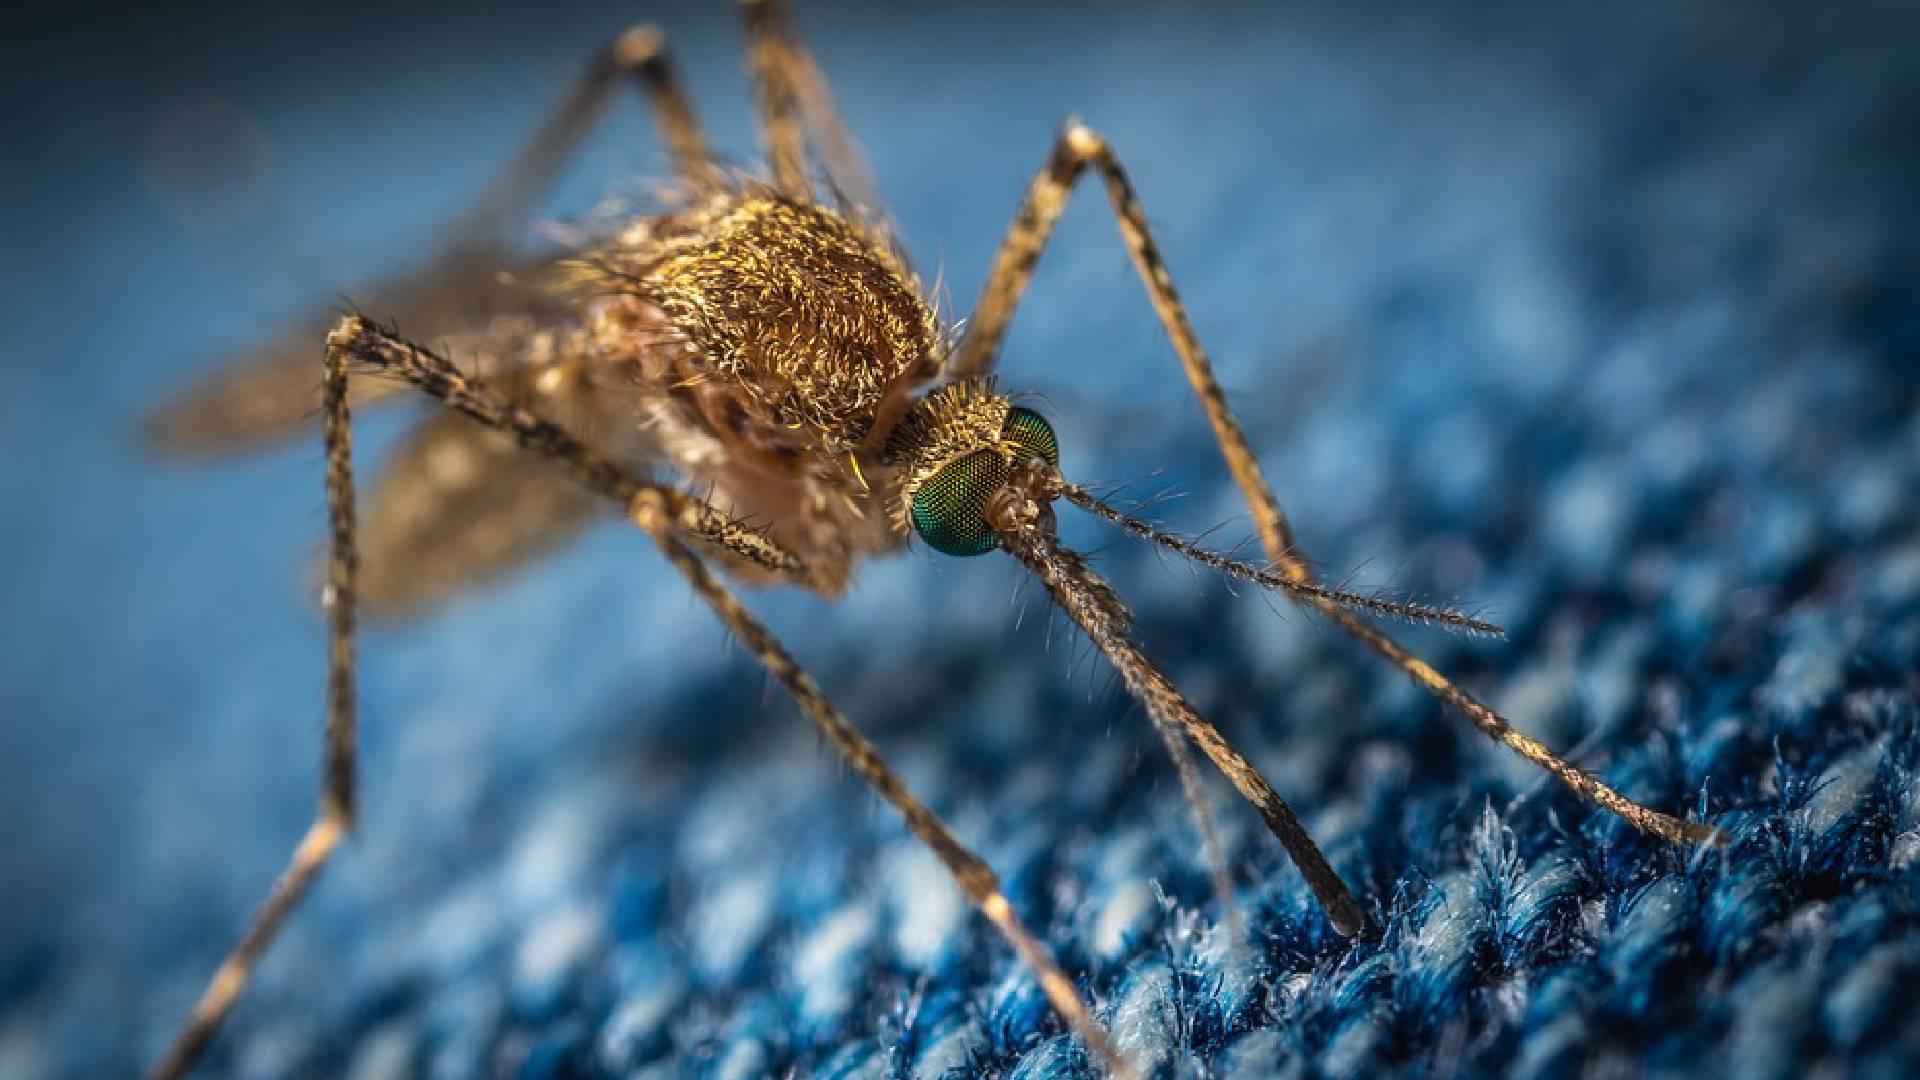 Health Tips: बदलते मौसम में बढ़ा मलेरिया का प्रकोप, यहां जानिए इस बुखार के लक्षण-कारण और घेरलू उपचार